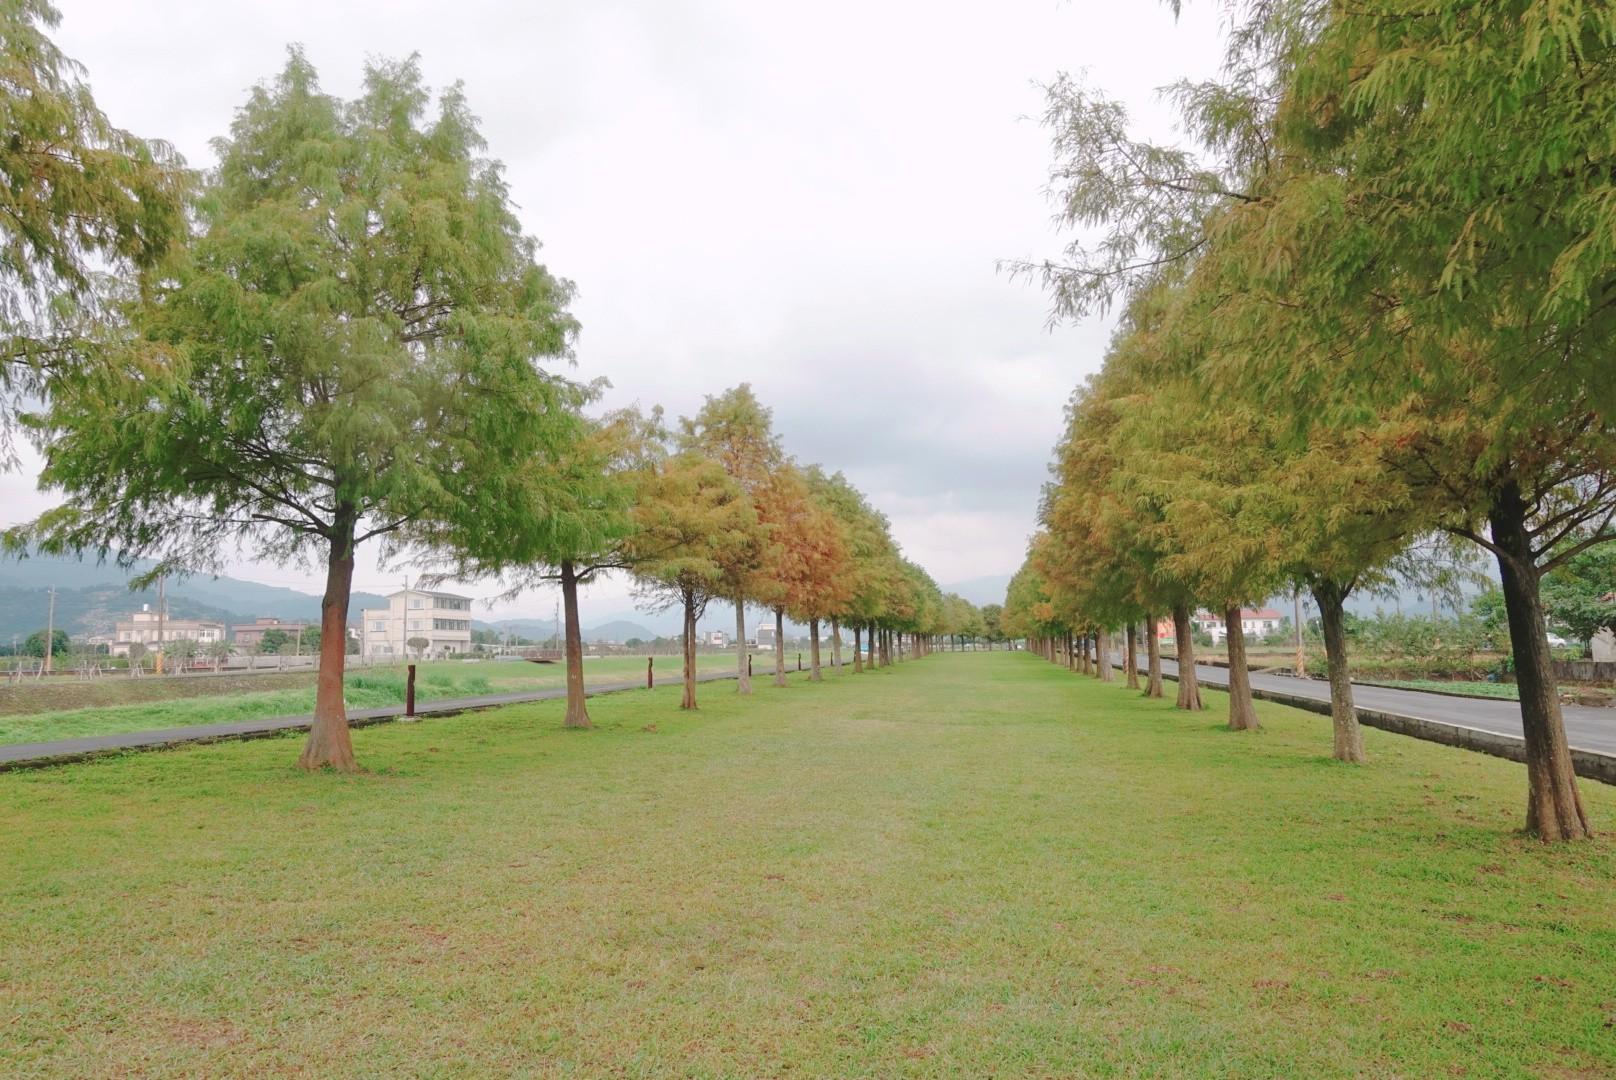 【宜蘭三星】三星落羽松|秋季賞落羽松超美秘境,溪畔散步賞松好不愜意|免費景點